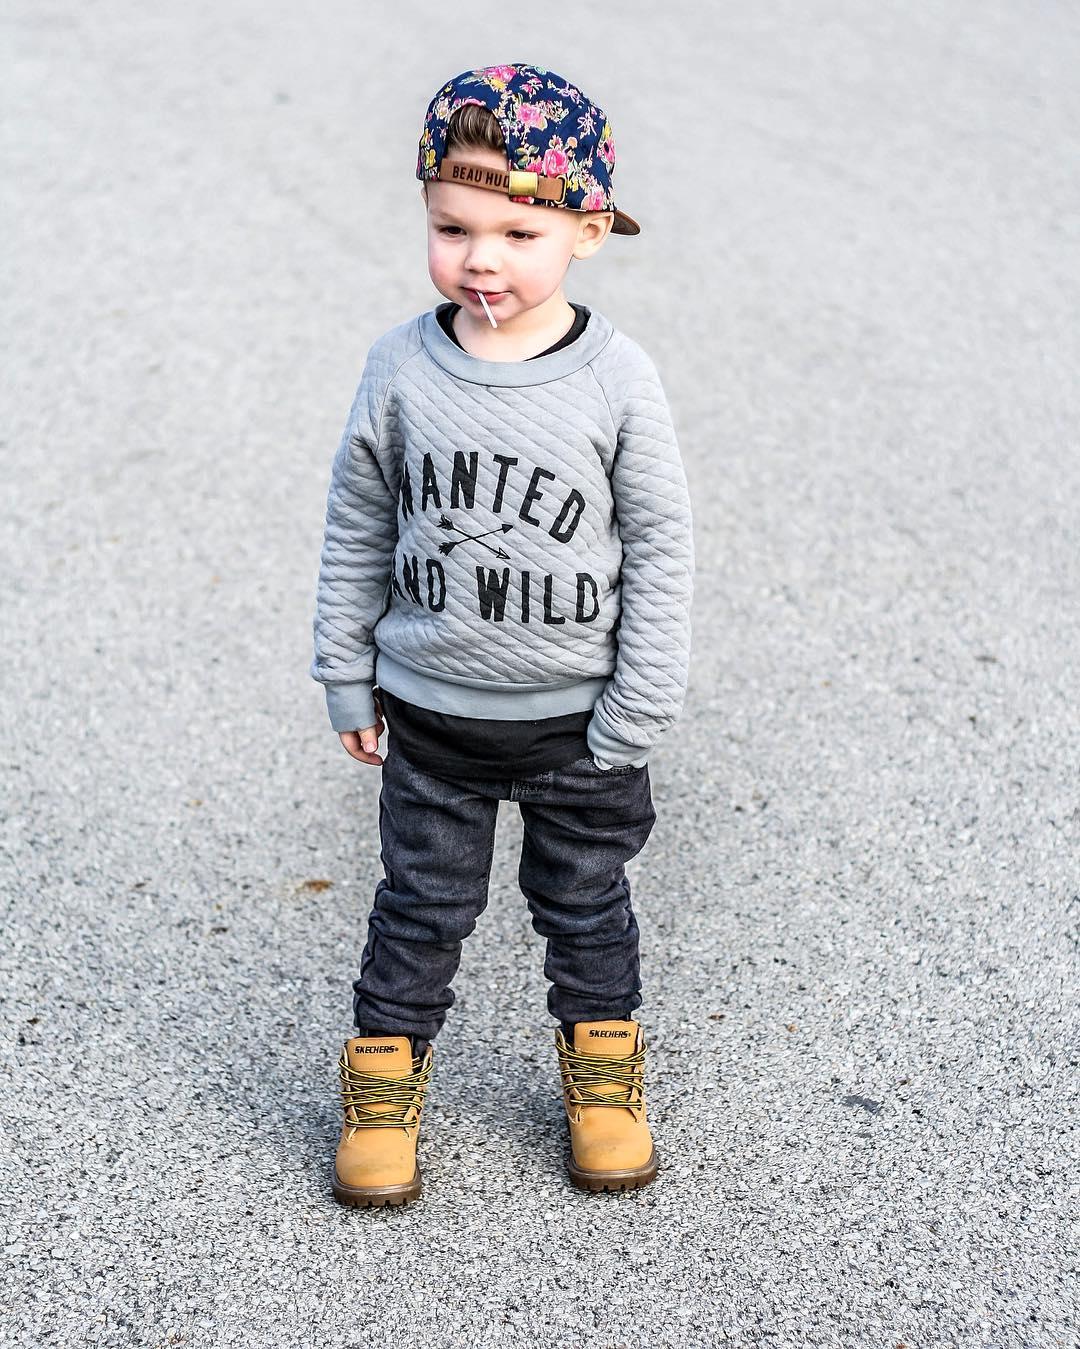 Pef lava Prueba  25 niños fashionistas que están a la moda y tienen estilo